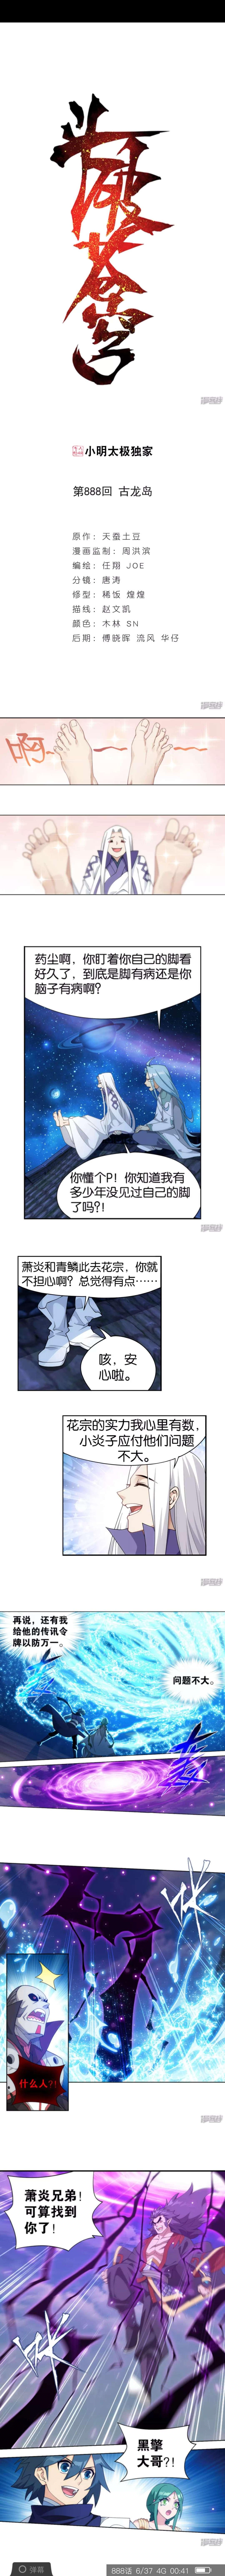 【漫画更新】斗破苍穹   第888话-小柚妹站